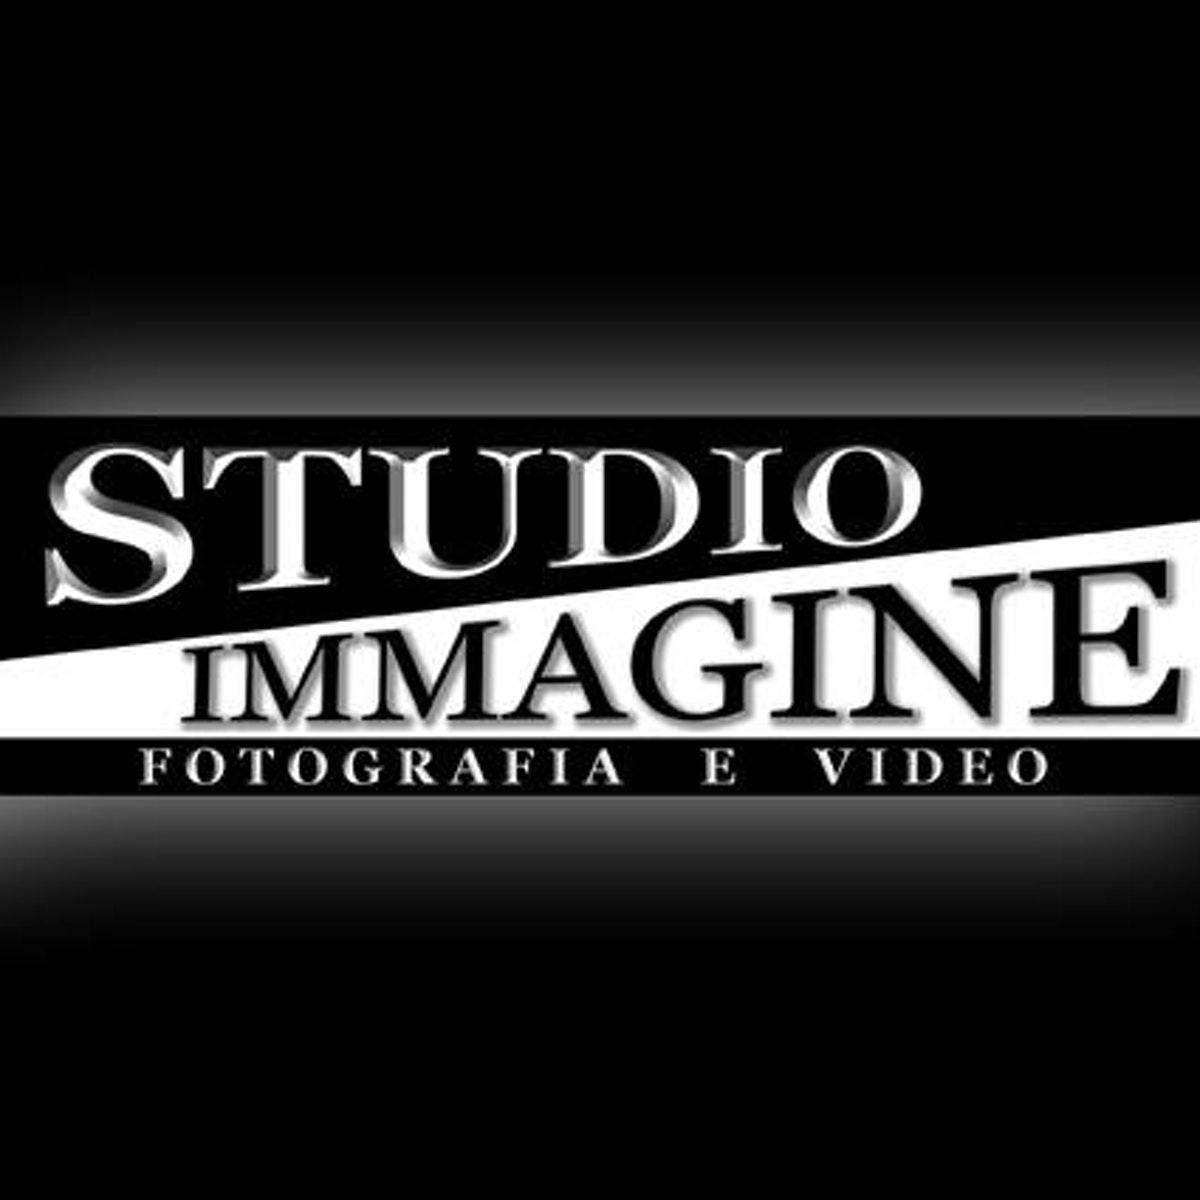 Studio Immagine Seregno